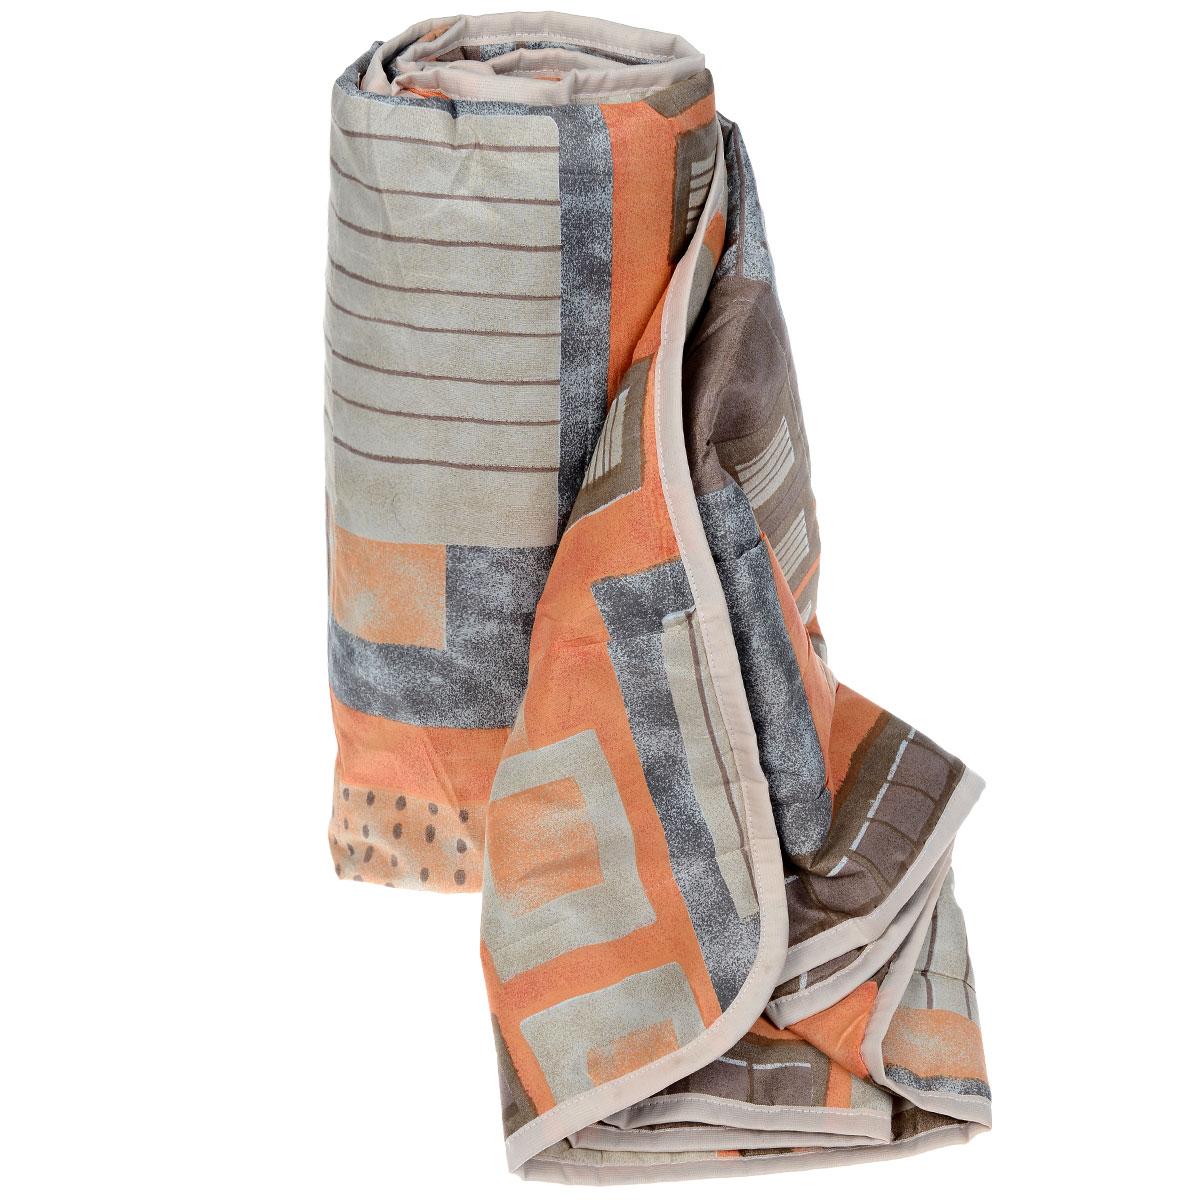 Одеяло летнее OL-Tex Квадраты, наполнитель: полиэфирное волокно Holfiteks, 200 х 220 смМХПЭ-22-1 _коричневый, оранжевыйЛегкое летнее одеяло OL-Tex Квадраты создаст комфорт и уют во время сна. Чехол выполнен из полиэстера и оформлен красочным цветочным рисунком. Внутри - современный наполнитель из полиэфирного высокосиликонизированного волокна холфитекс, упругий и качественный. Прекрасно держит тепло. Одеяло с наполнителем холфитекс легкое и комфортное. Даже после многократных стирок не теряет свою форму, наполнитель не сбивается, так как одеяло простегано и окантовано.Рекомендации по уходу:- Ручная и машинная стирка при температуре 30°С.- Не гладить.- Не отбеливать. - Нельзя отжимать и сушить в стиральной машине.- Сушить вертикально. Размер одеяла: 200 см х 220 см. Материал чехла: 100% полиэстер. Материал наполнителя: холфитекс.